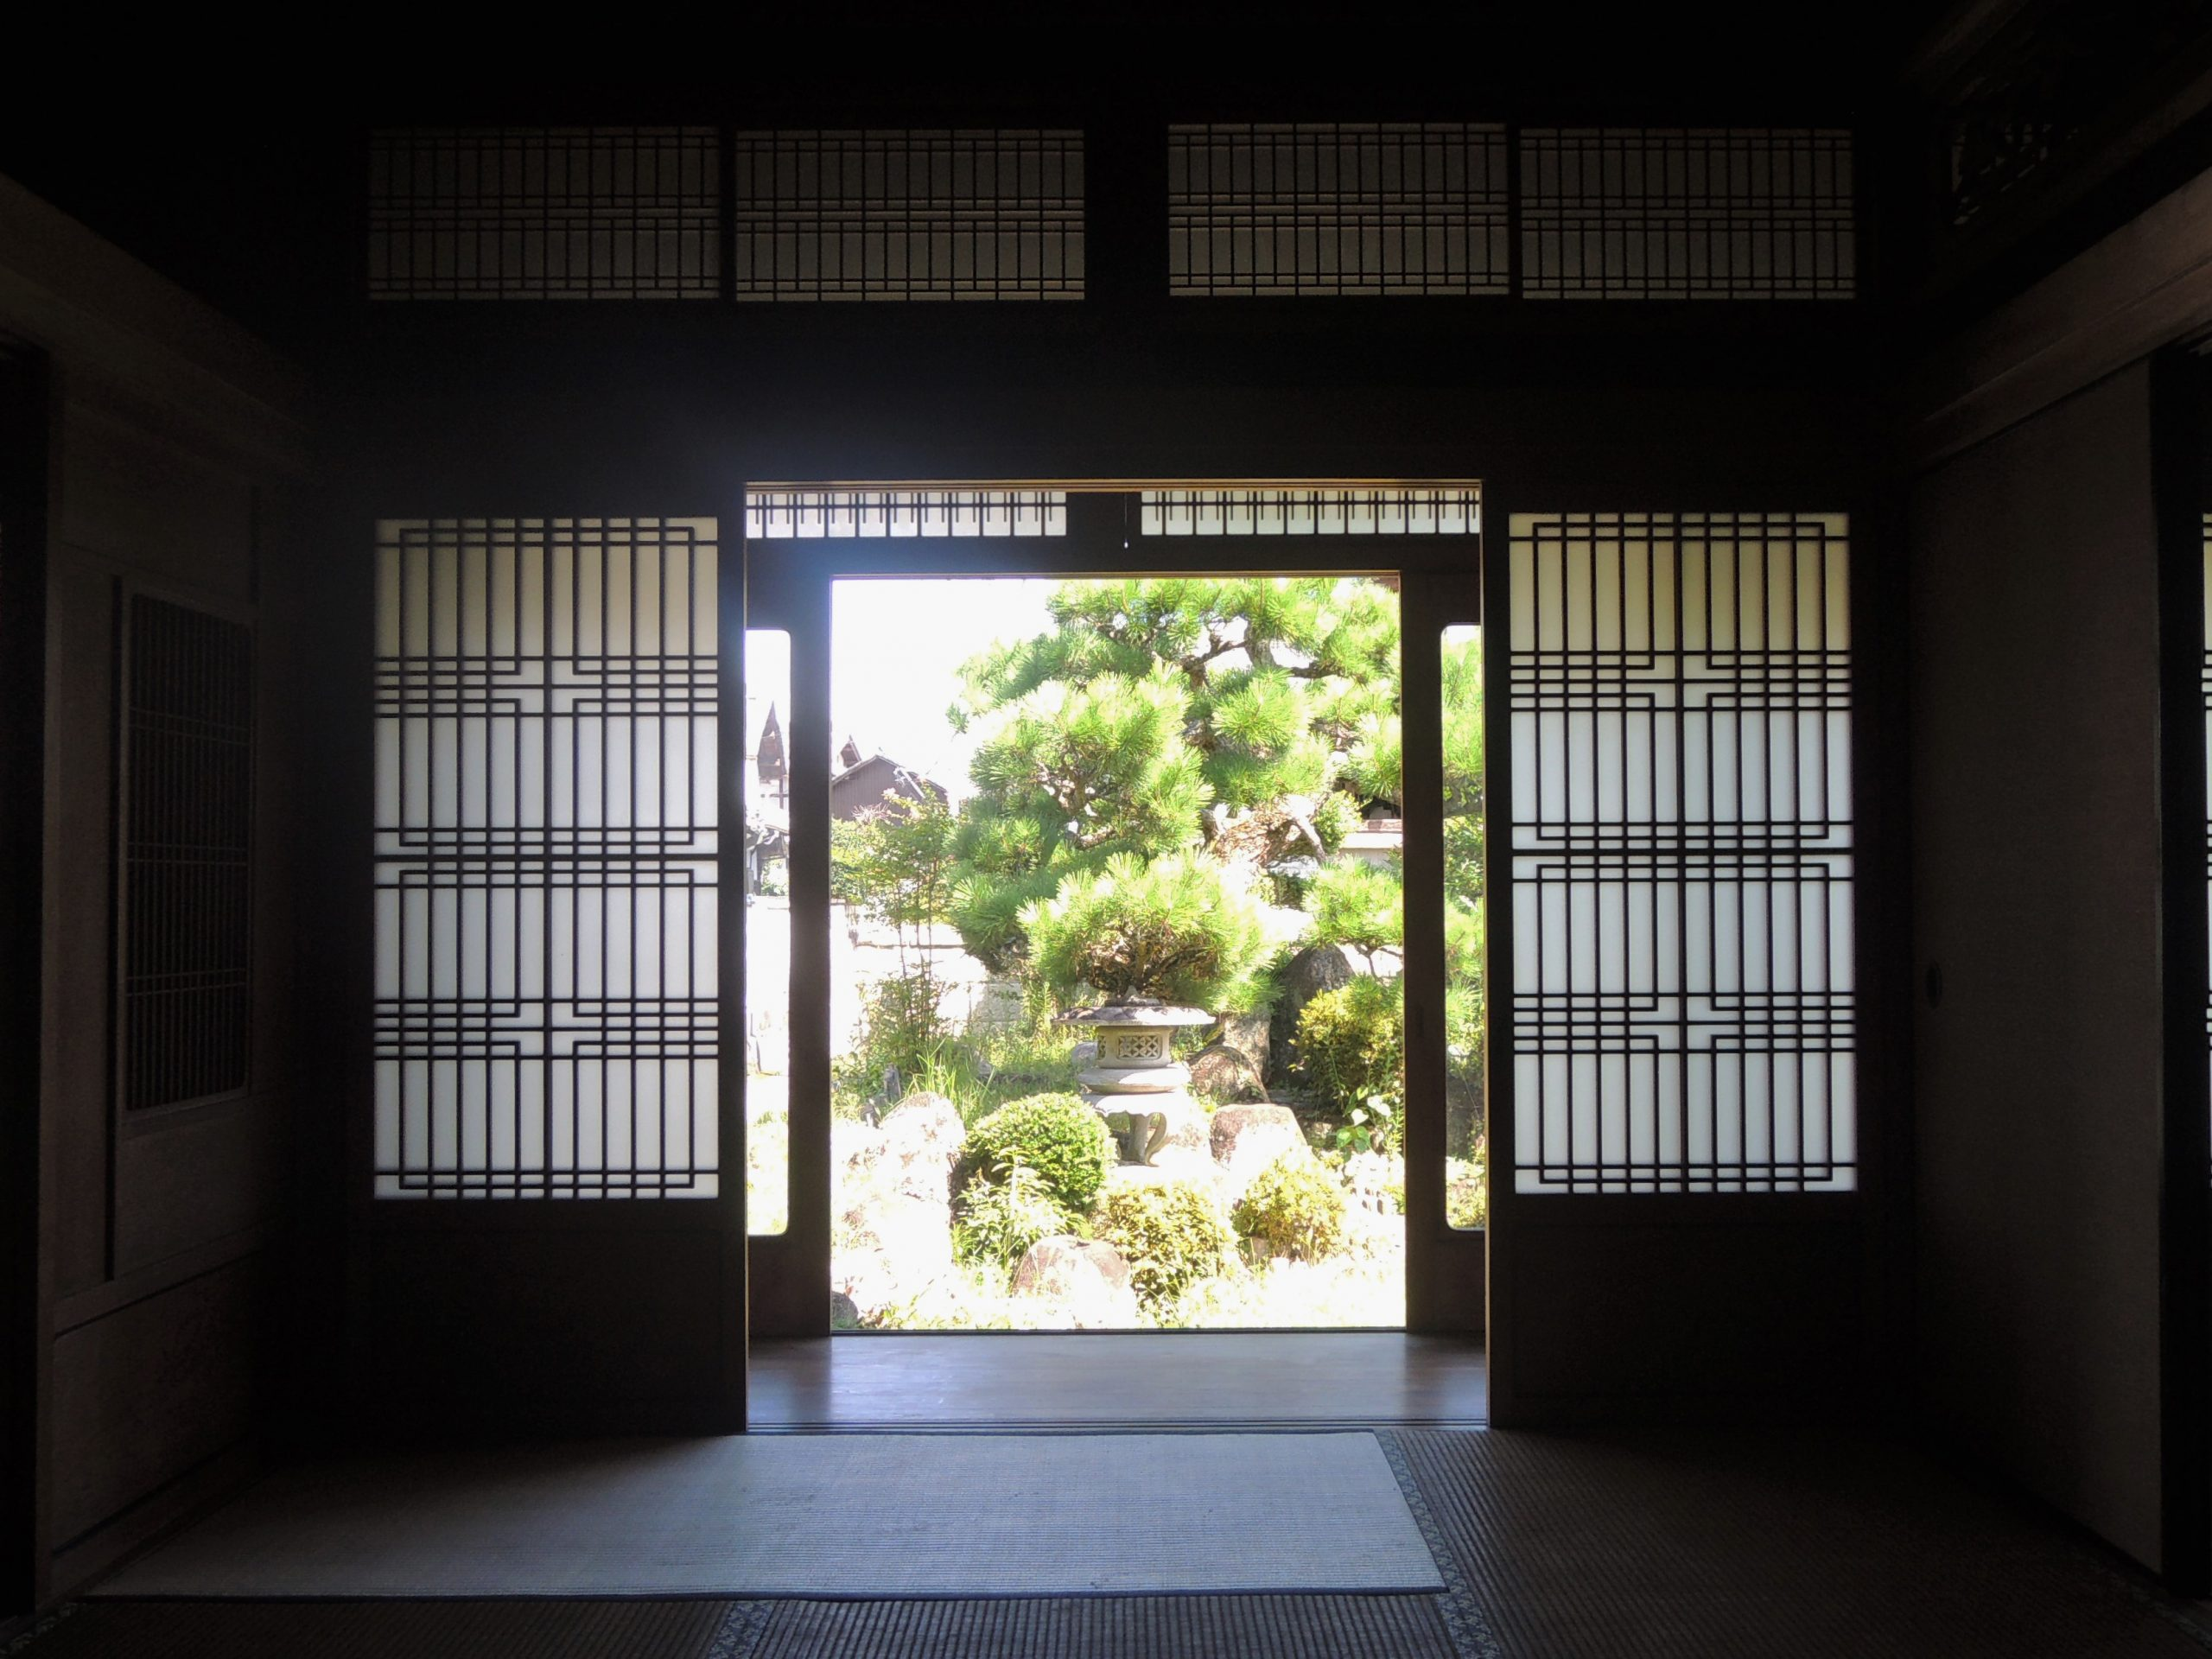 <p>ナカノマからの座敷庭を眺める。</p>座敷庭からの風が、室内を通り抜け、心地よい、静寂な空間をつくっている。